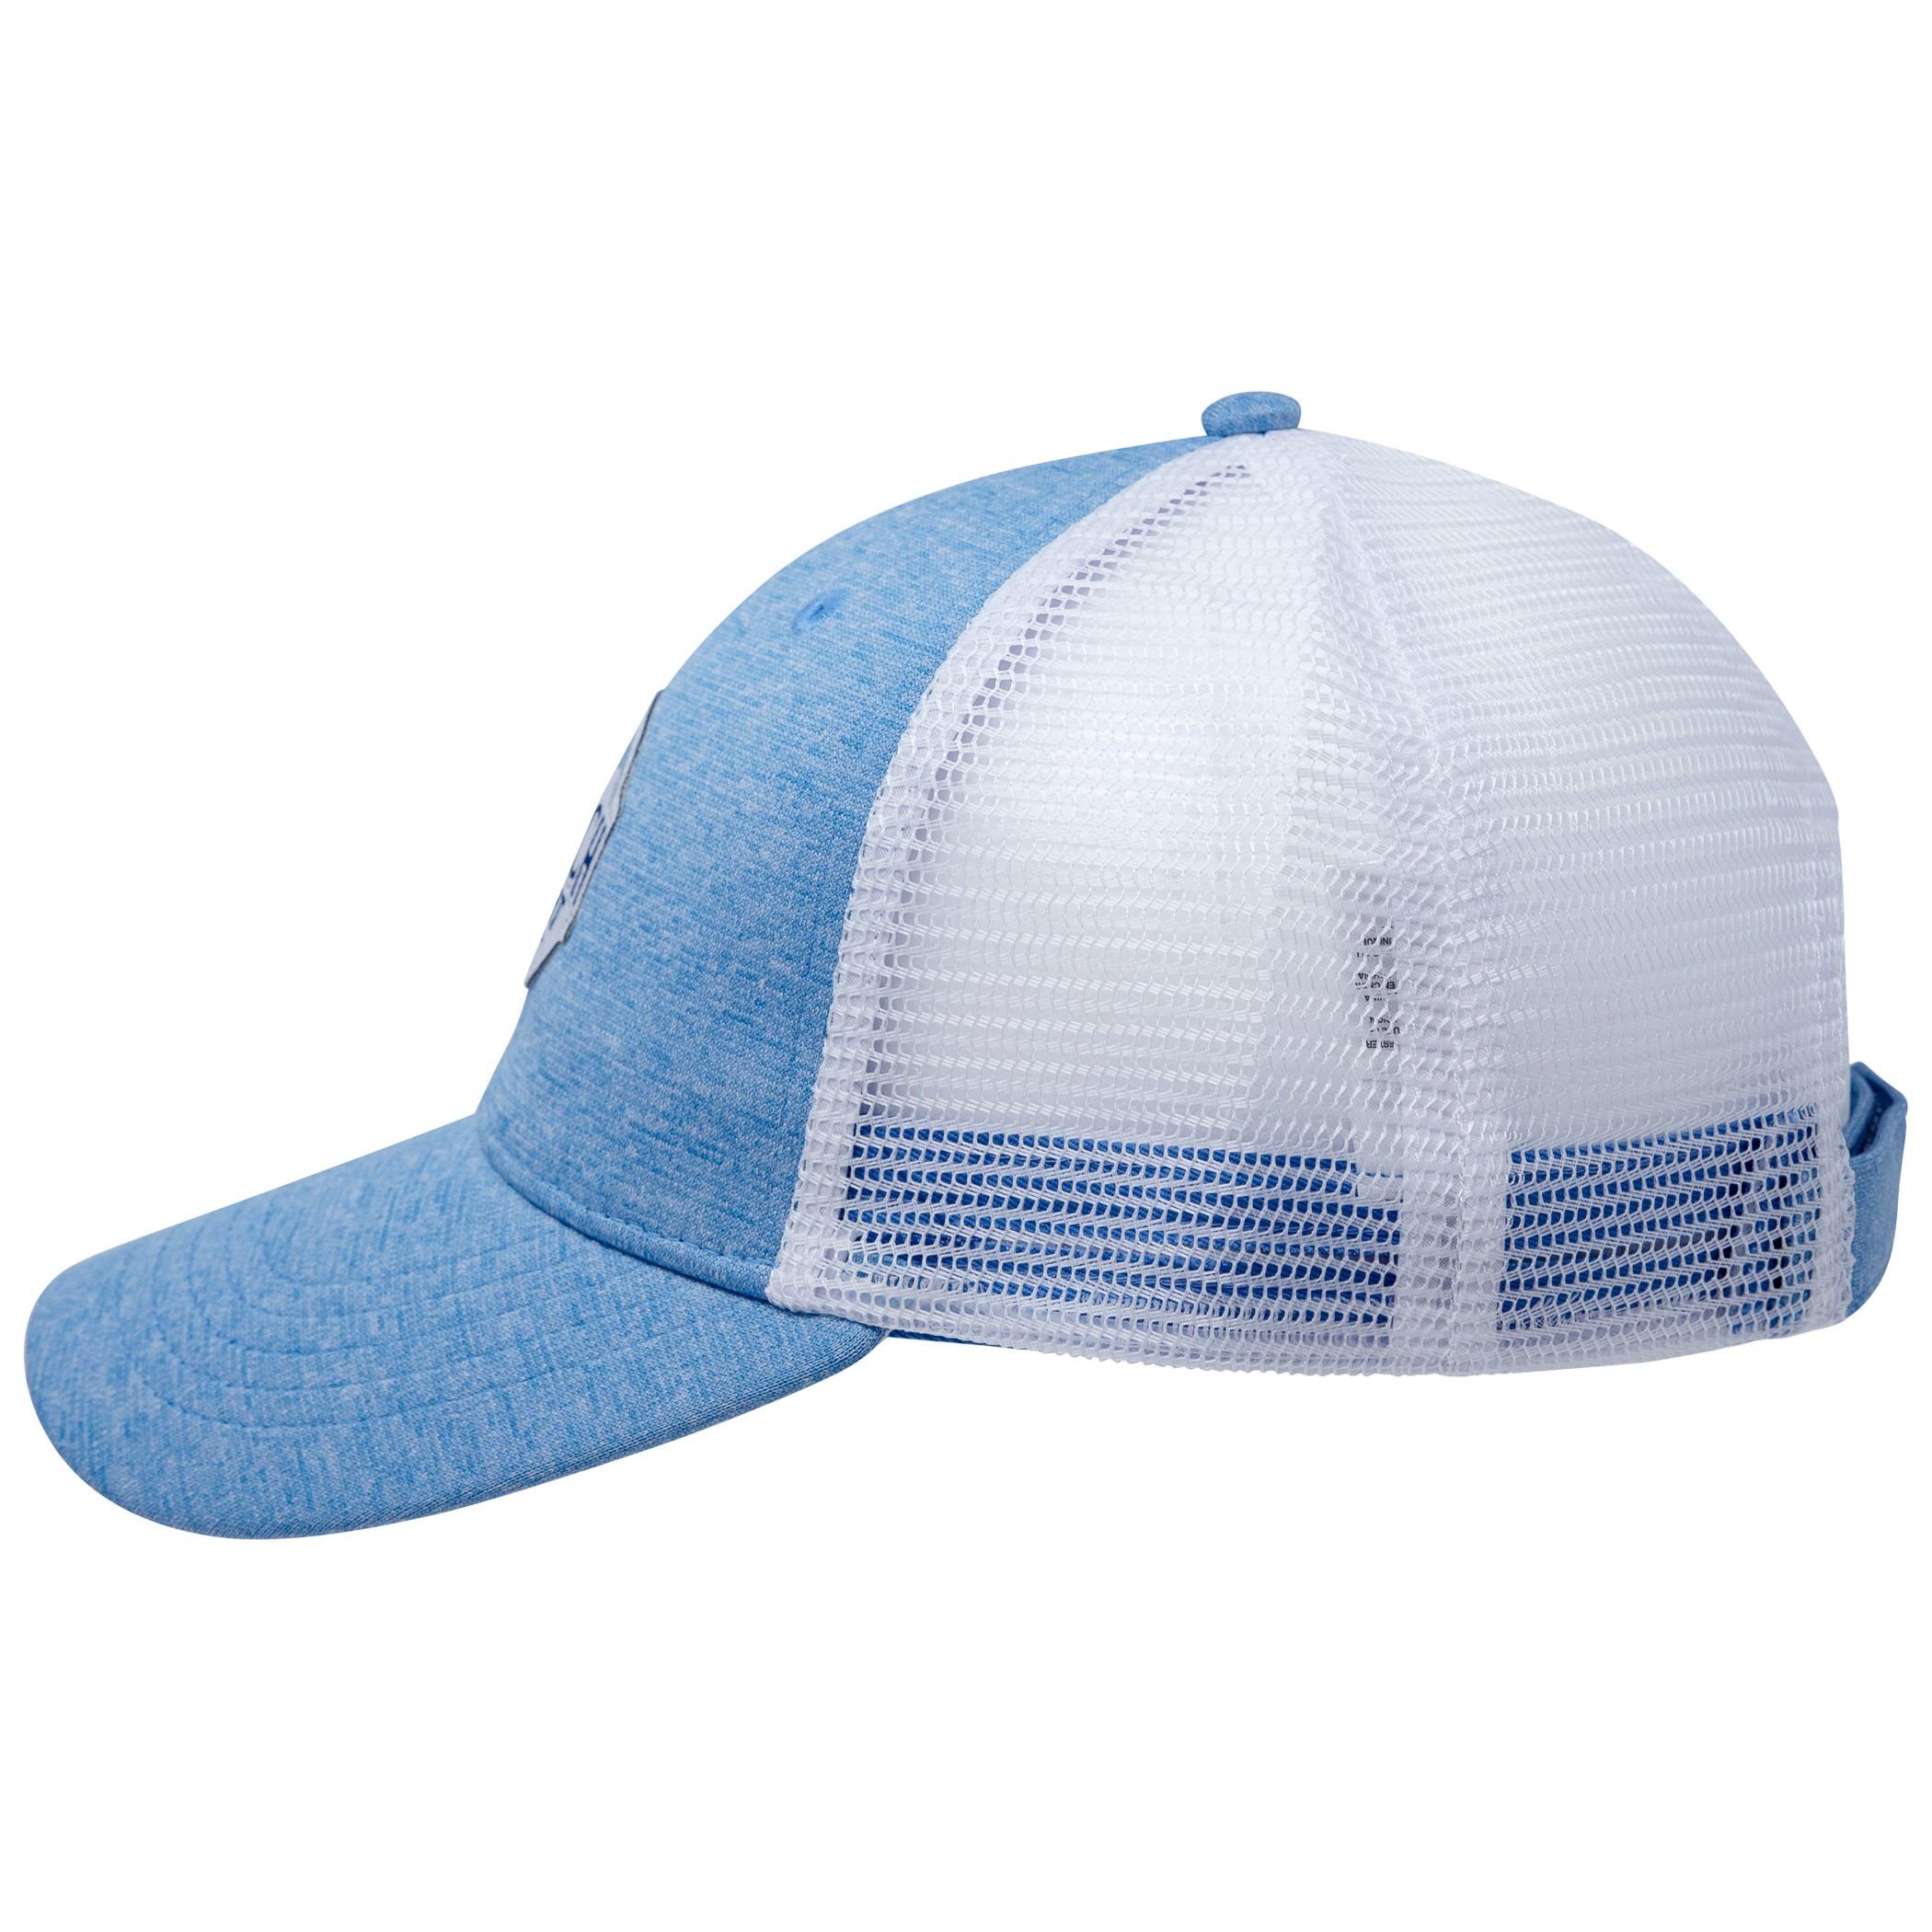 e645a761f Busch Light Heather Blue Trucker Hat